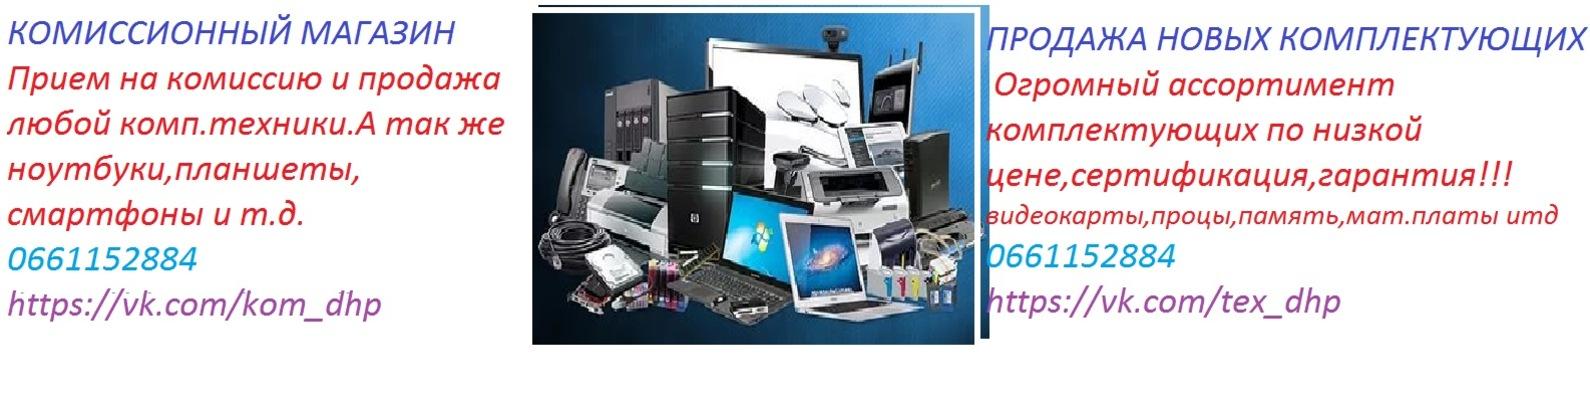 Комиссионный магазин компьютерной техники брянск